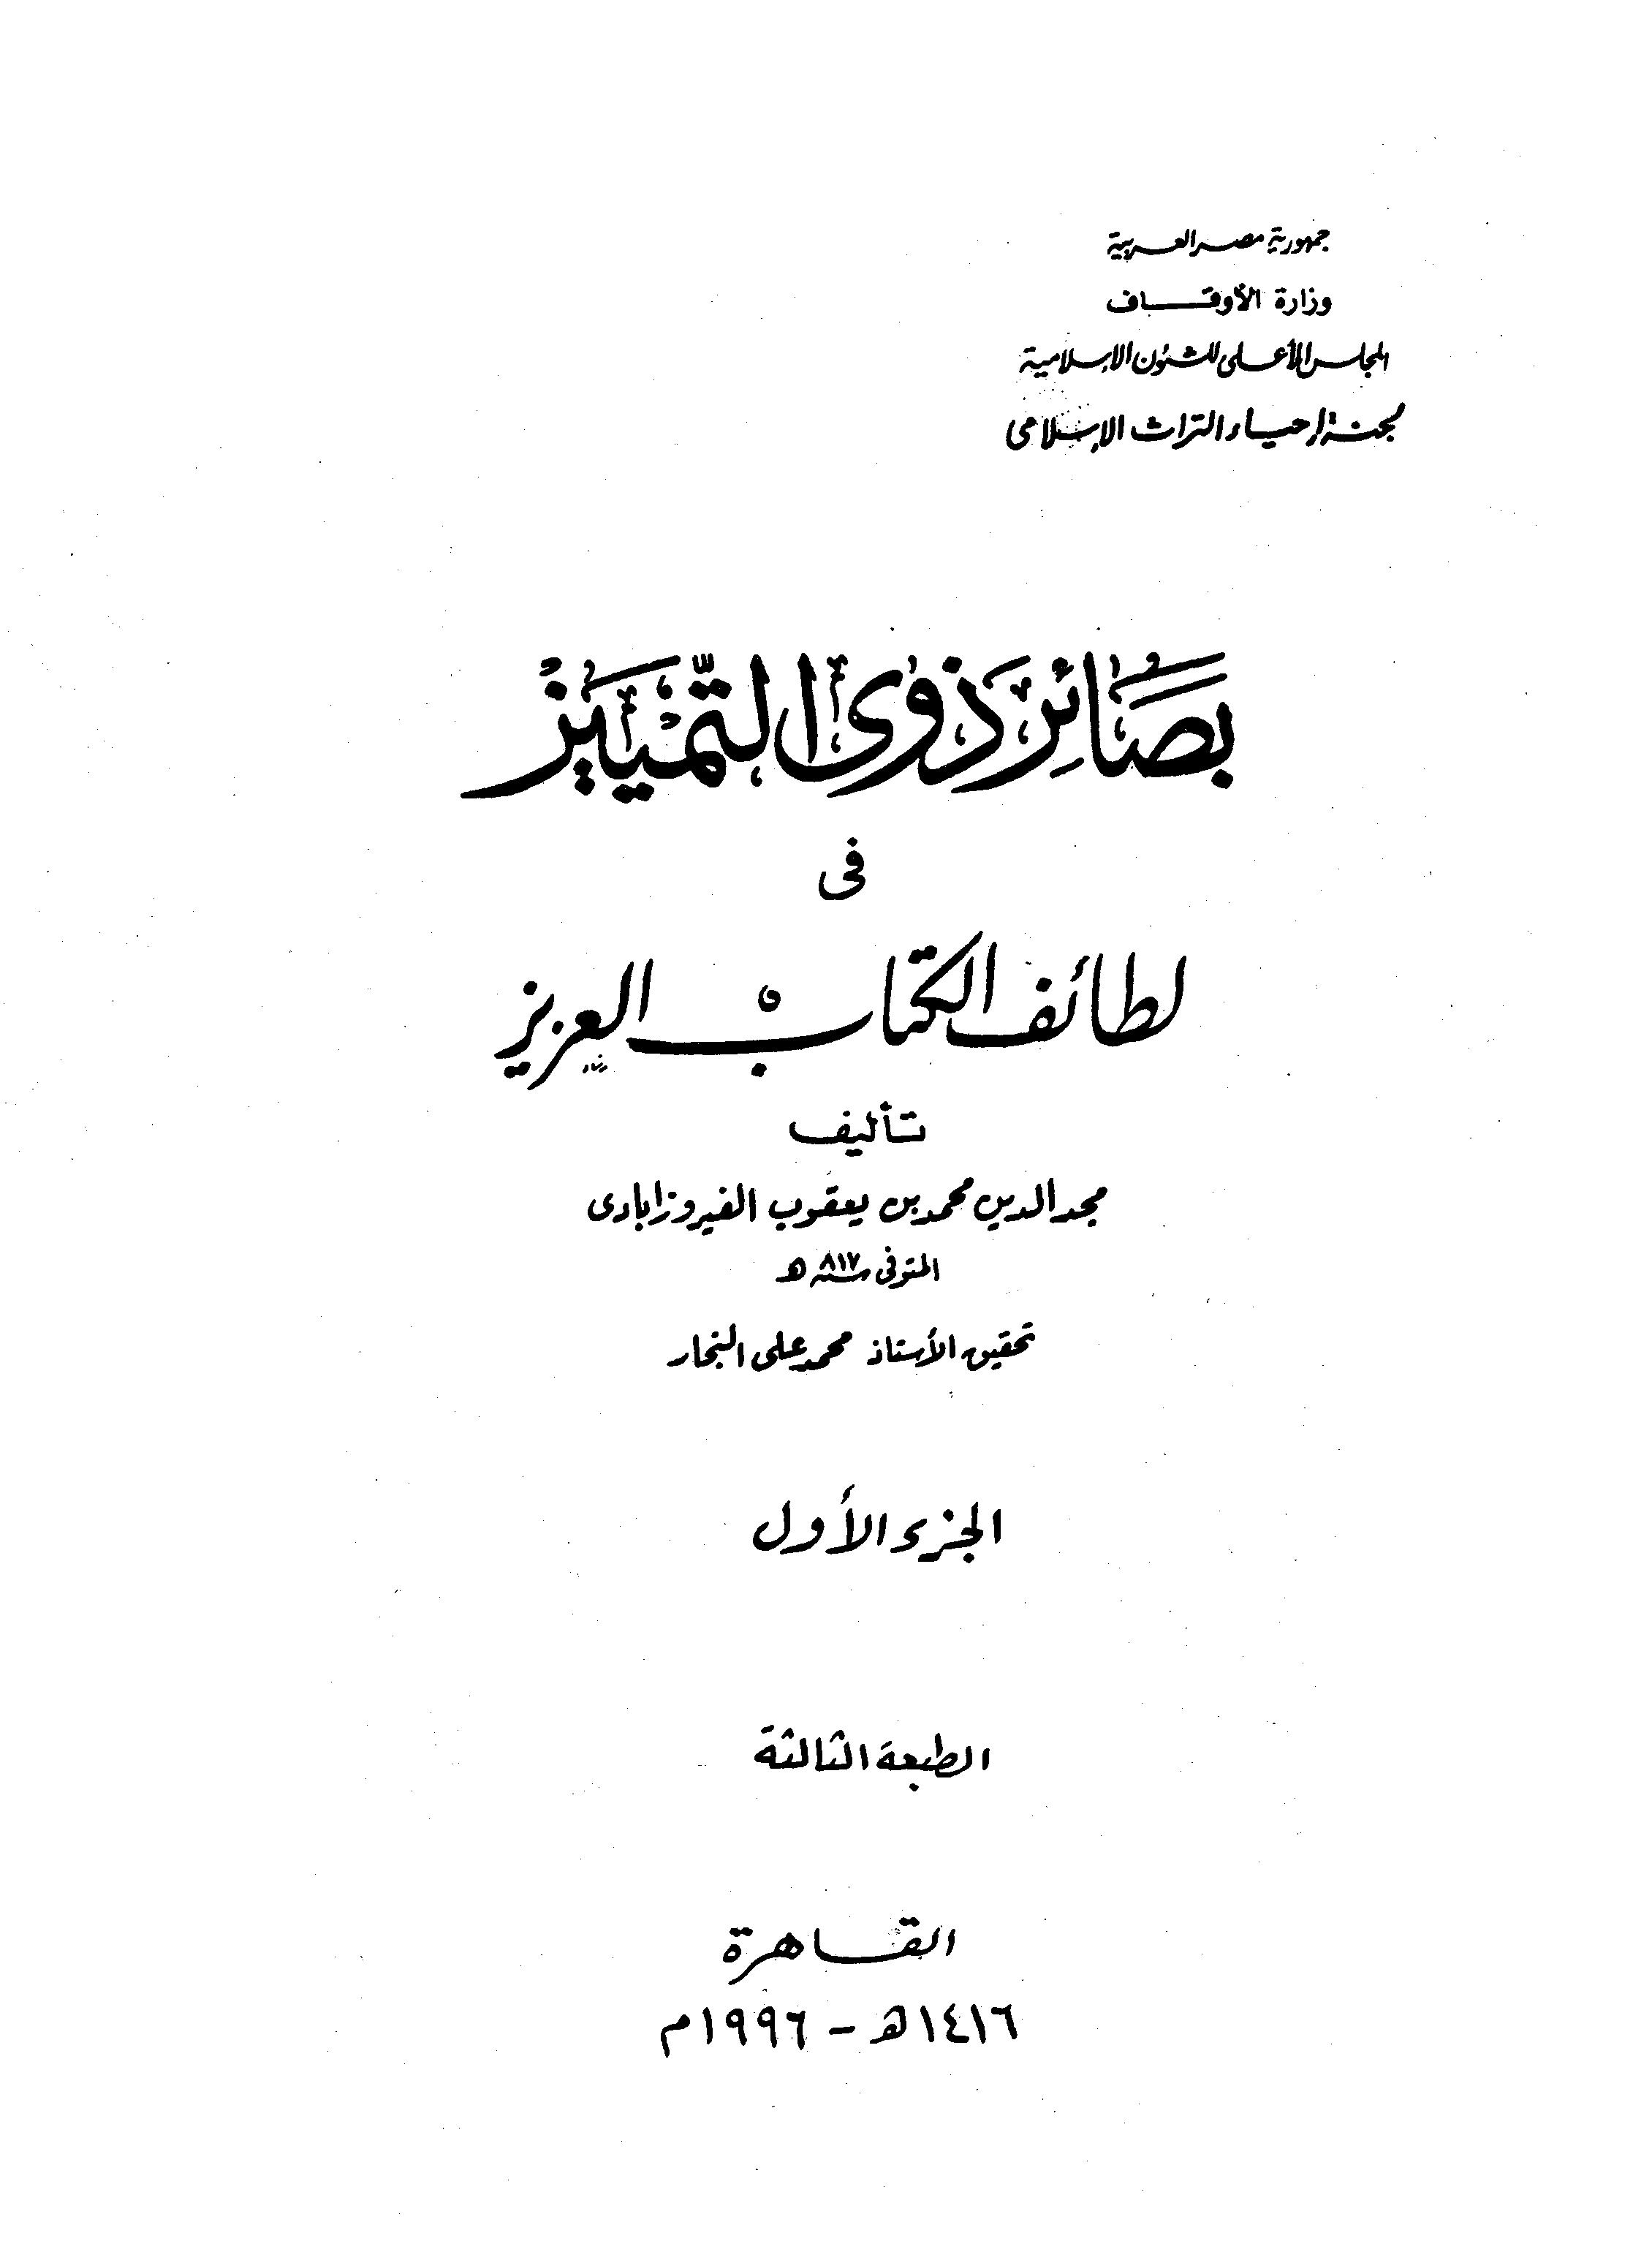 تحميل كتاب بصائر ذوي التمييز في لطائف الكتاب العزيز (ت النجار) للمؤلف: الإمام مجد الدين أبو طاهر محمد بن يعقوب الفيروزآبادي (ت 817)